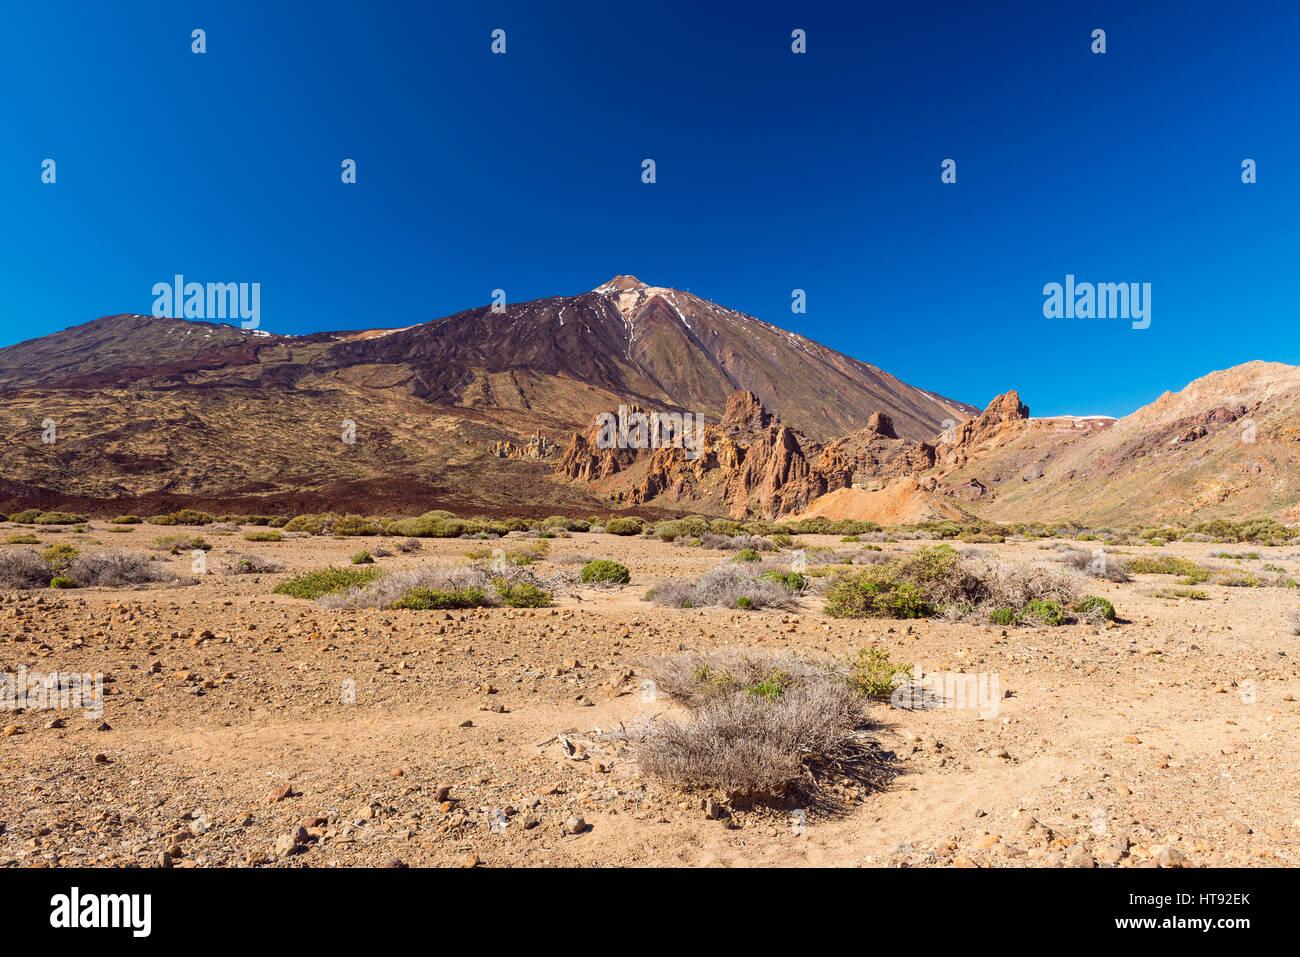 Berg Pico del Teide mit vulkanischen Landschaft, Parque Nacional del Teide, Teneriffa, Kanarische Inseln, Spanien Stockbild